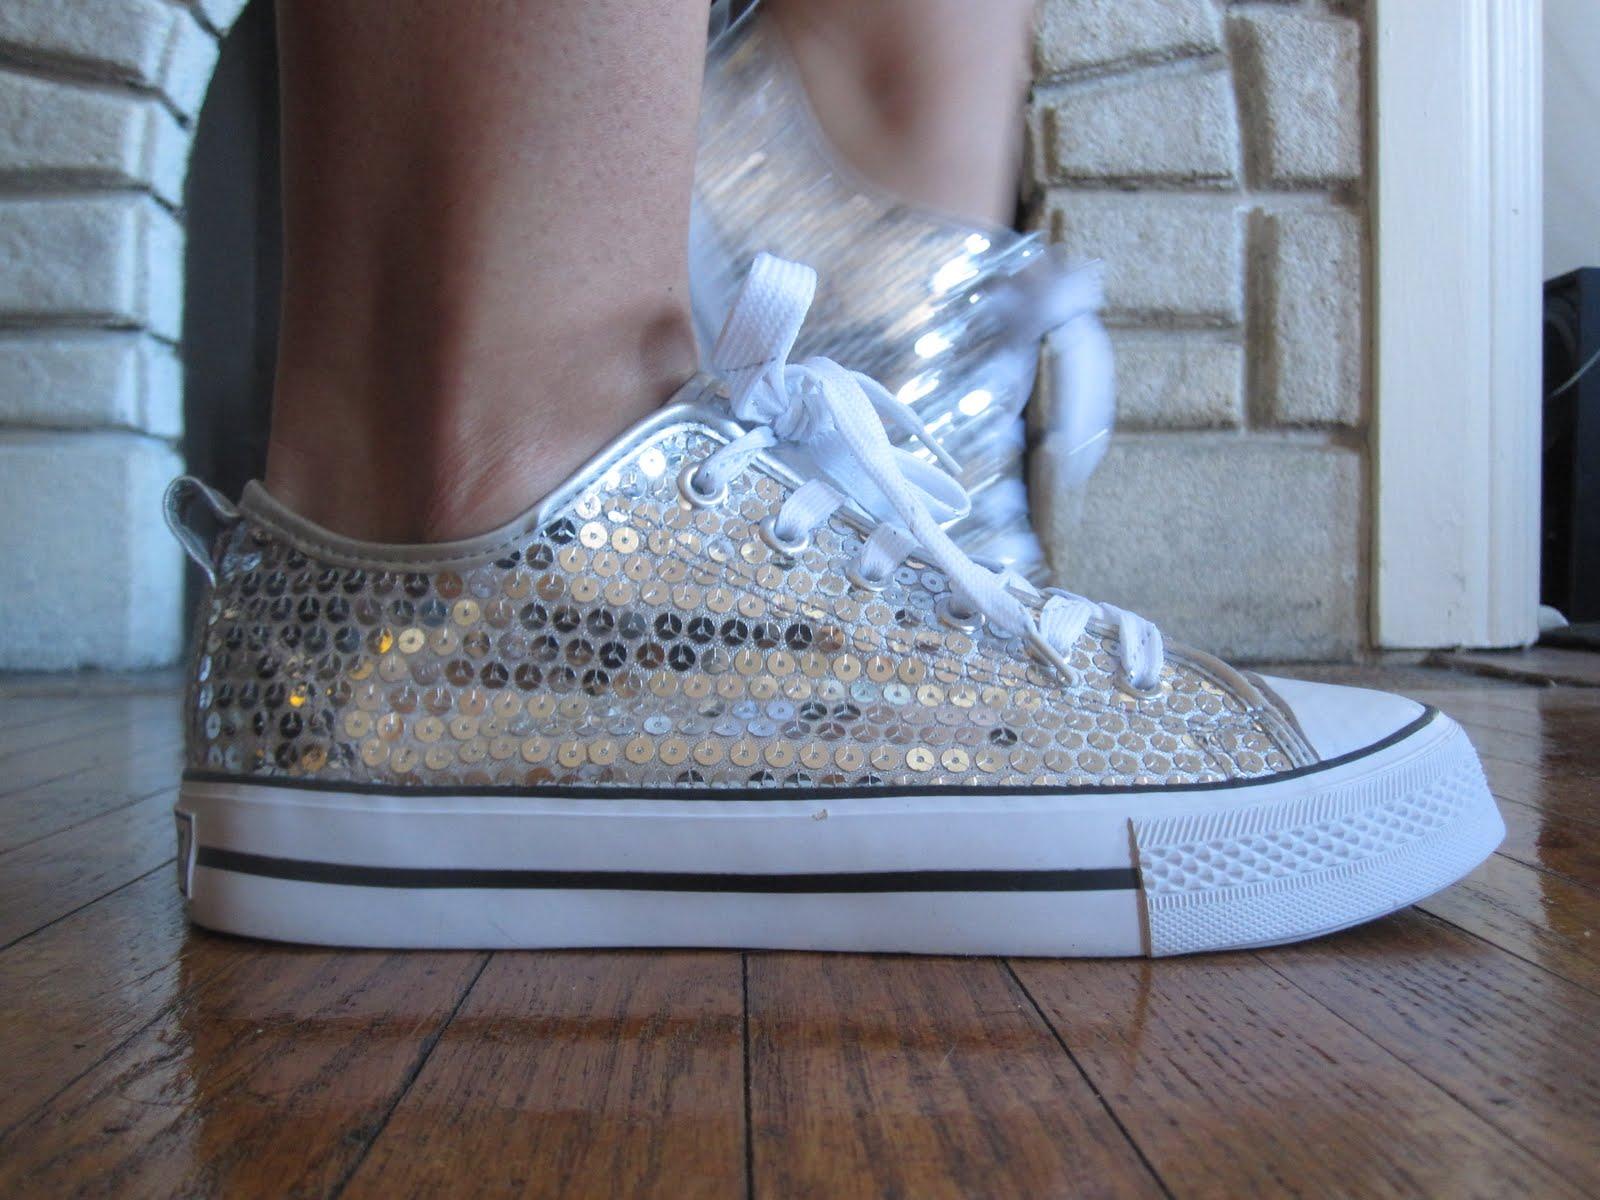 http://4.bp.blogspot.com/_0ltPGWOuvUo/S8XCt0UddpI/AAAAAAAAAS4/6XTrS6r-zu8/s1600/Dancing+Shoes.jpg